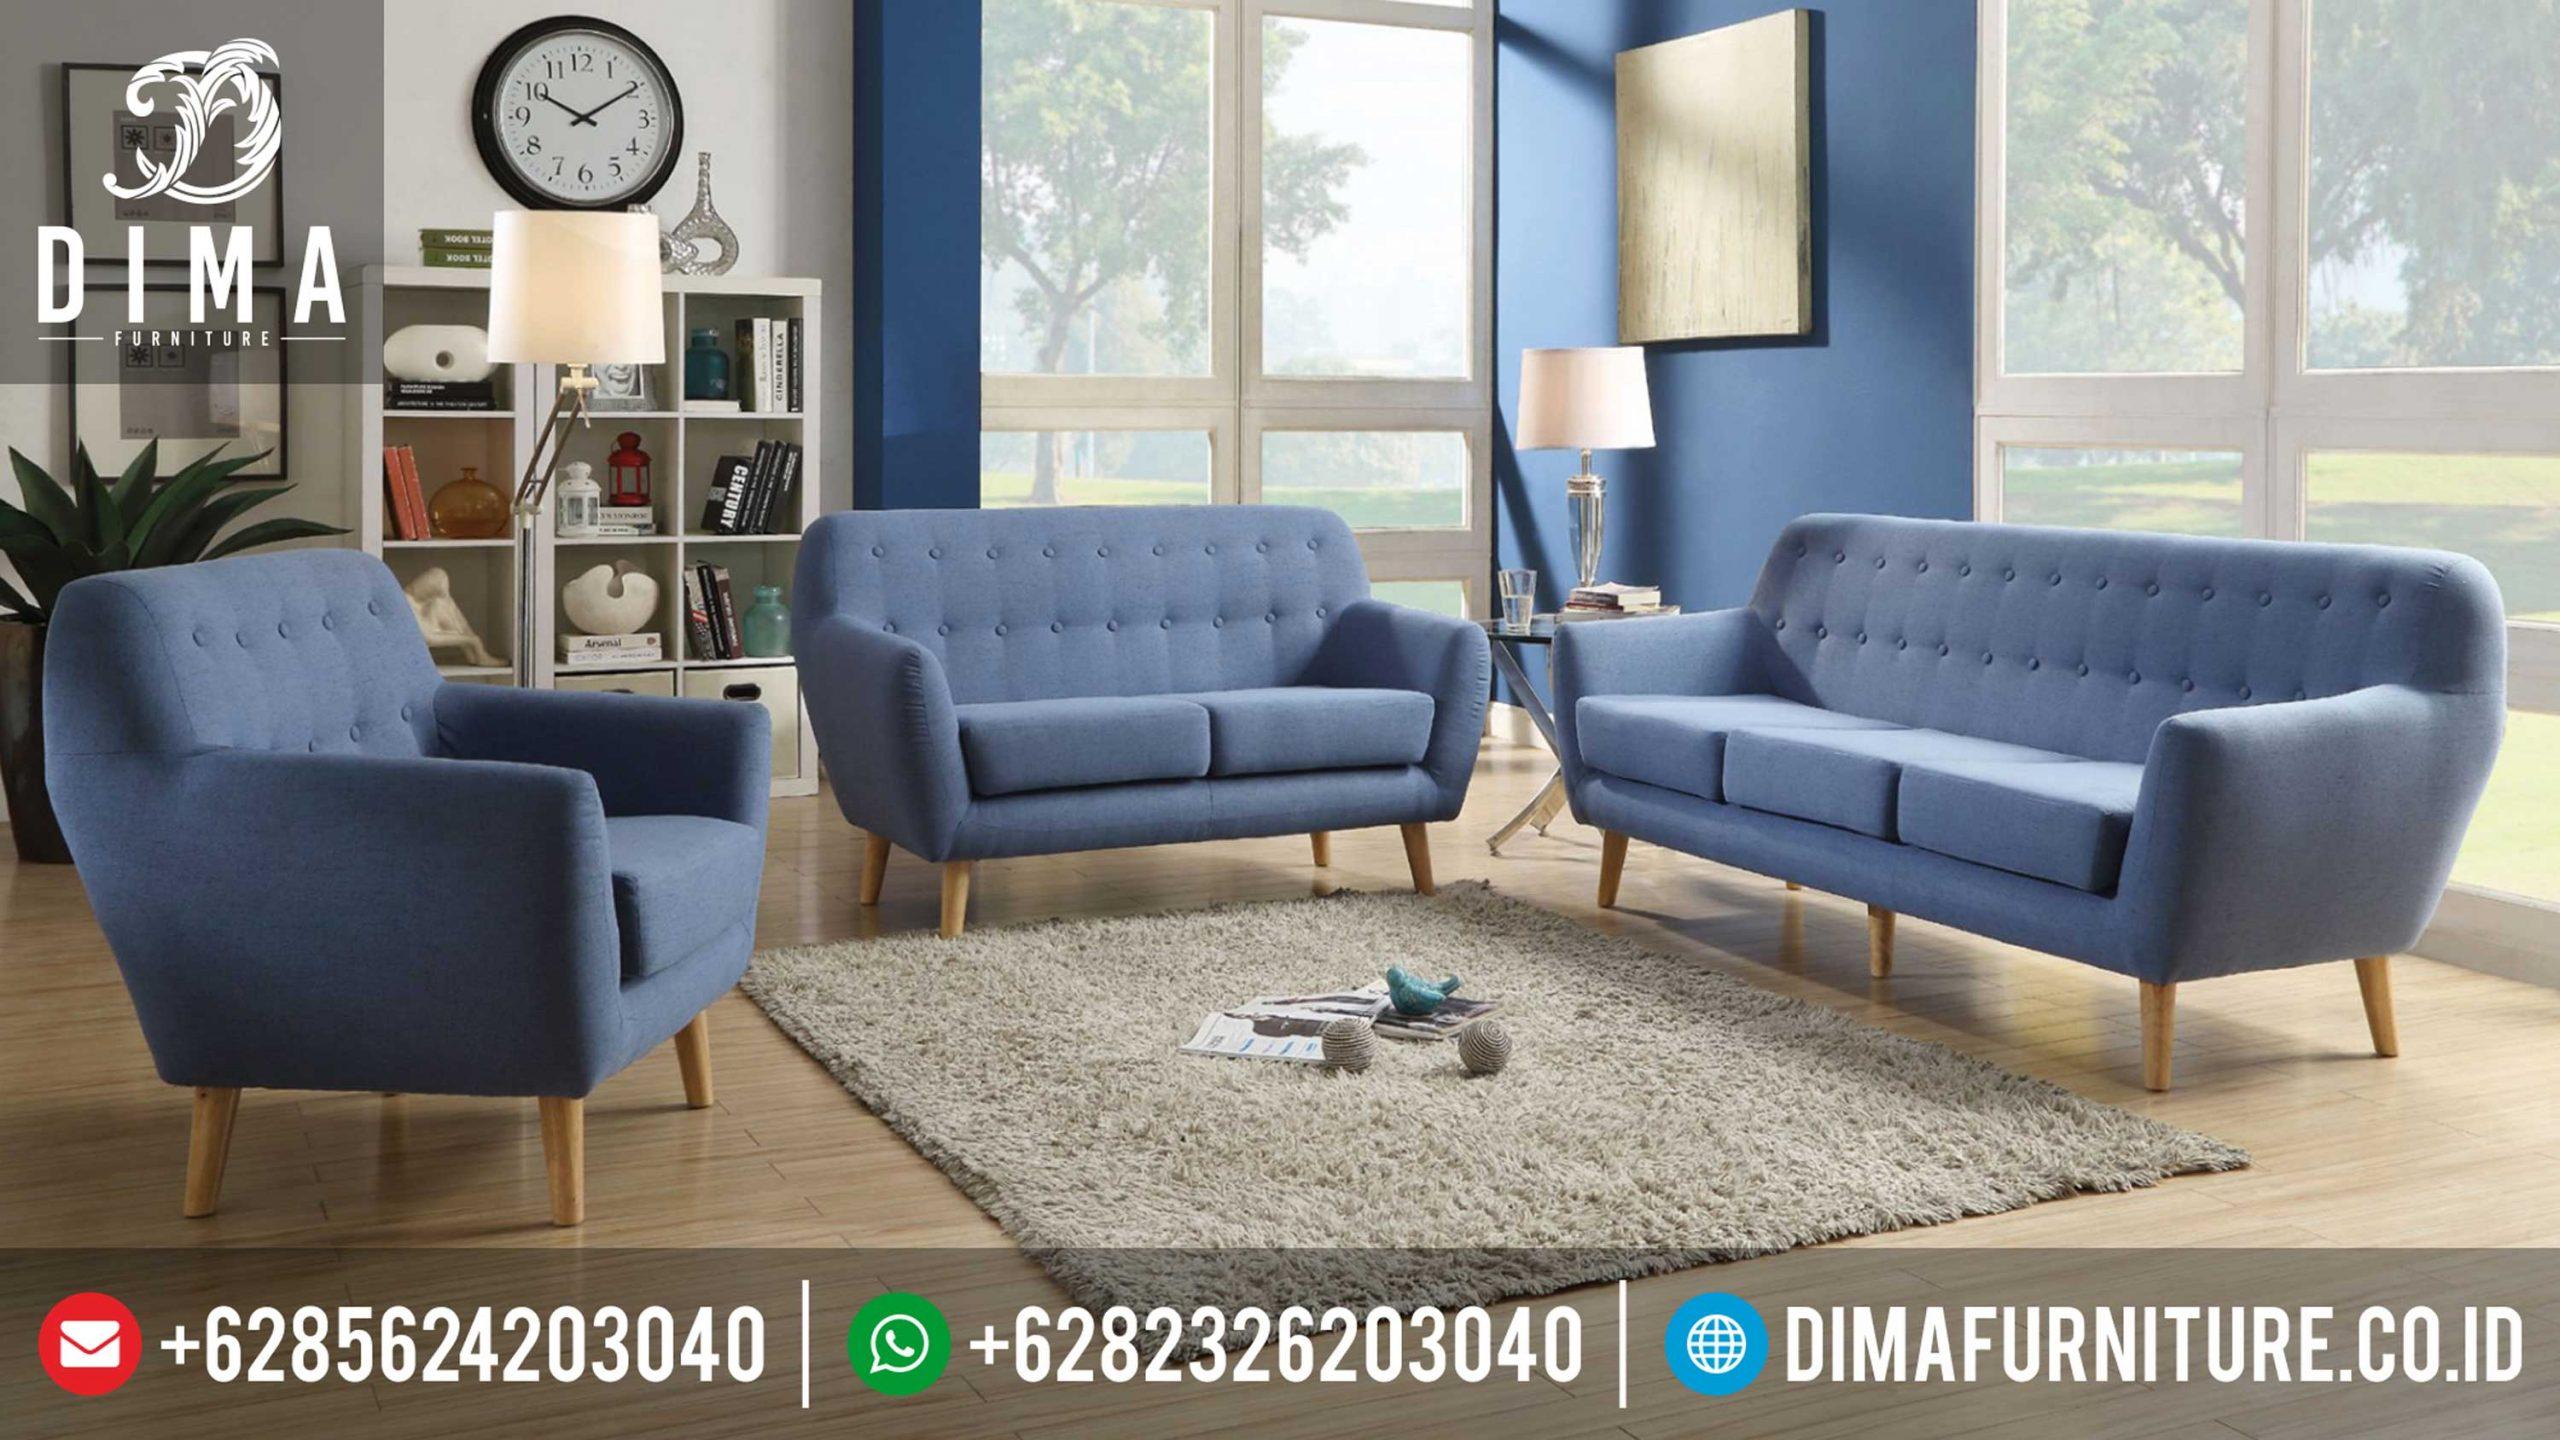 Sofa Tamu Minimalis Modern Terbaru Desain Mewah Elegan MM-0070